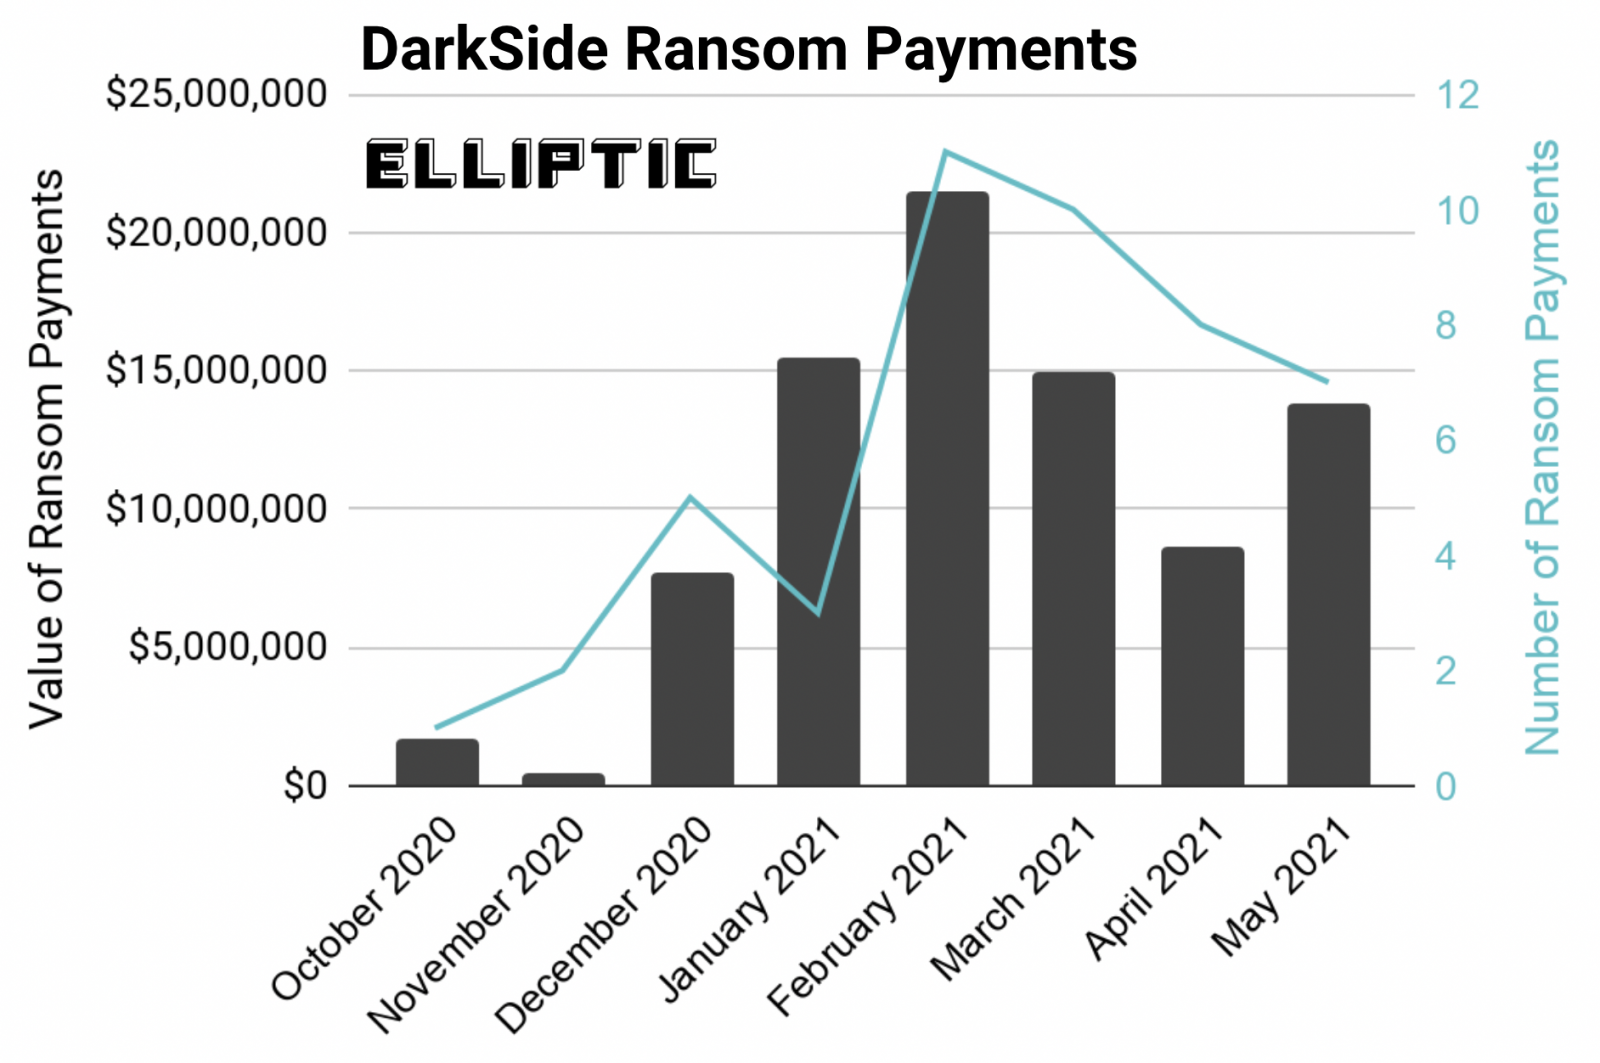 Pagos de rescate de DarkSide desde octubre de 2020